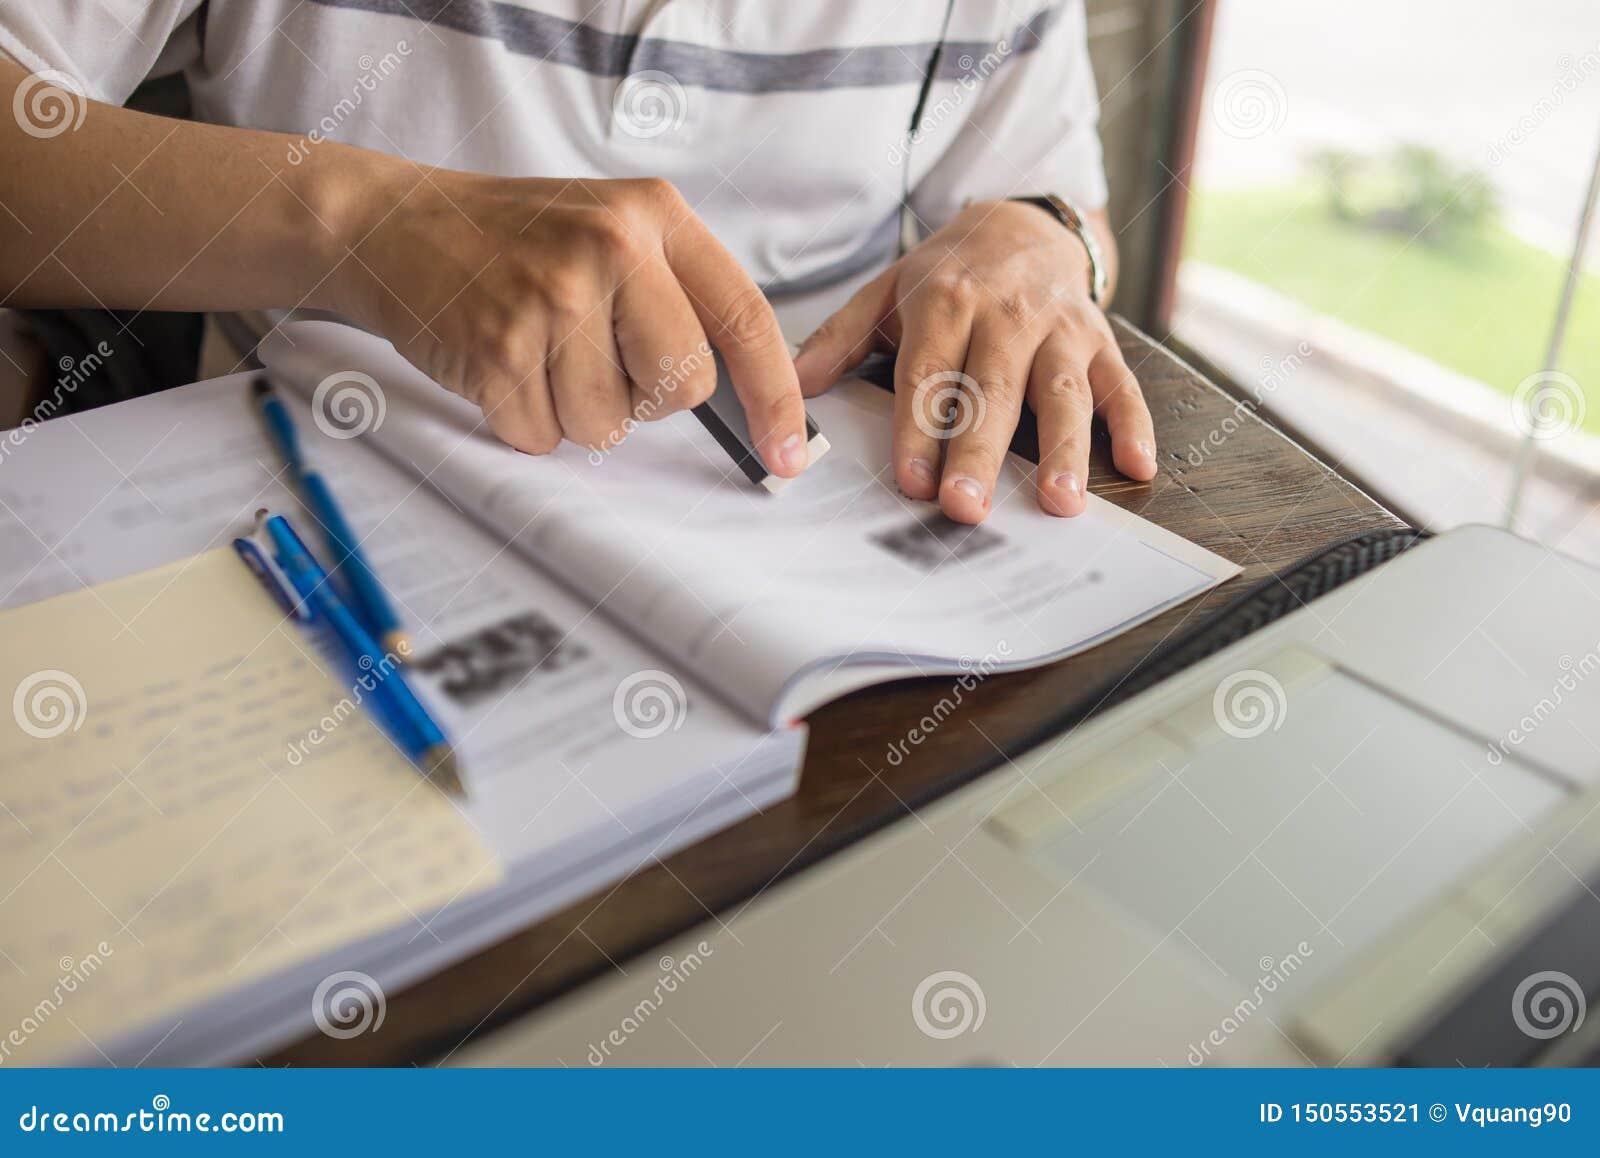 Nahaufnahme der Studentenhand unter Verwendung des Radiergummis auf Arbeitsbuch beim Studieren